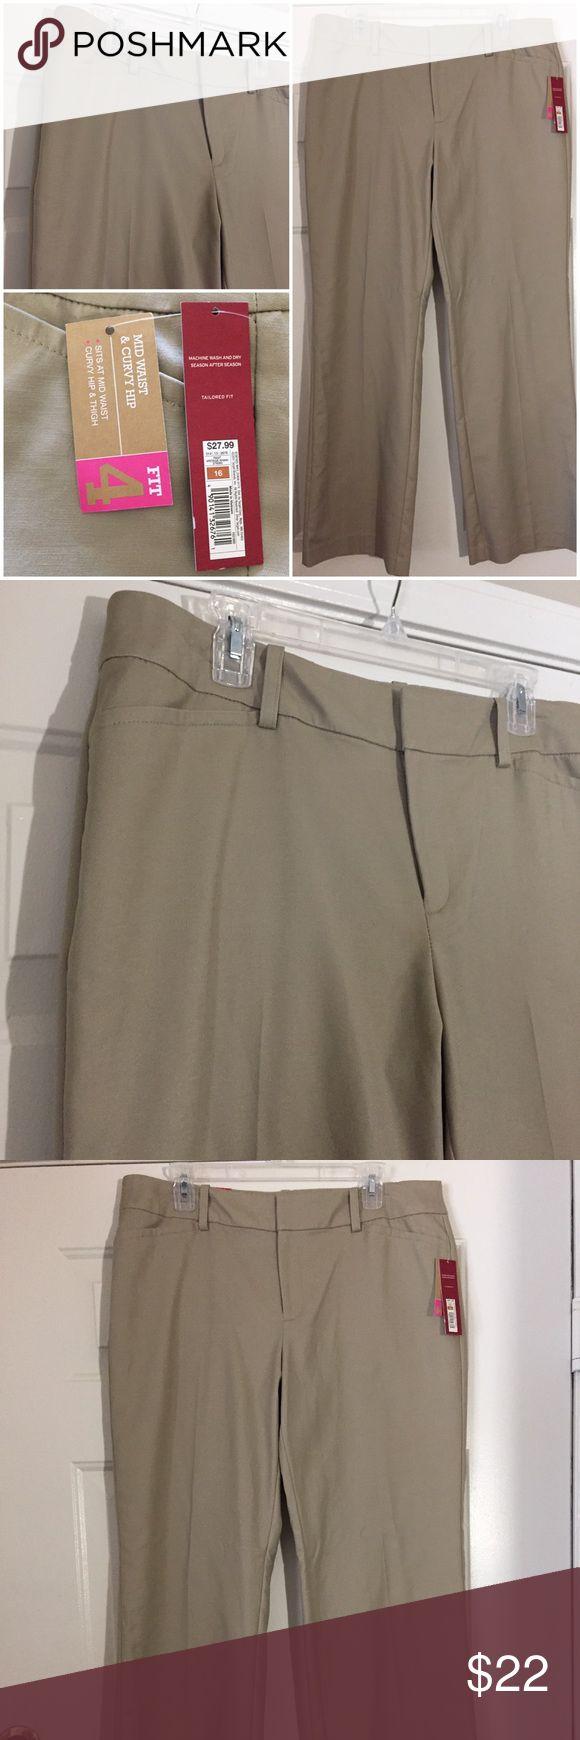 NWT NEW TAN STRETCH TROUSER SLACKS PANTS SZ 16 NWT NEW TAN STRETCH TROUSER SLACKS PANTS SZ 16.  FIT 4 - MID WAIST & CURVY HIP. Merona Pants